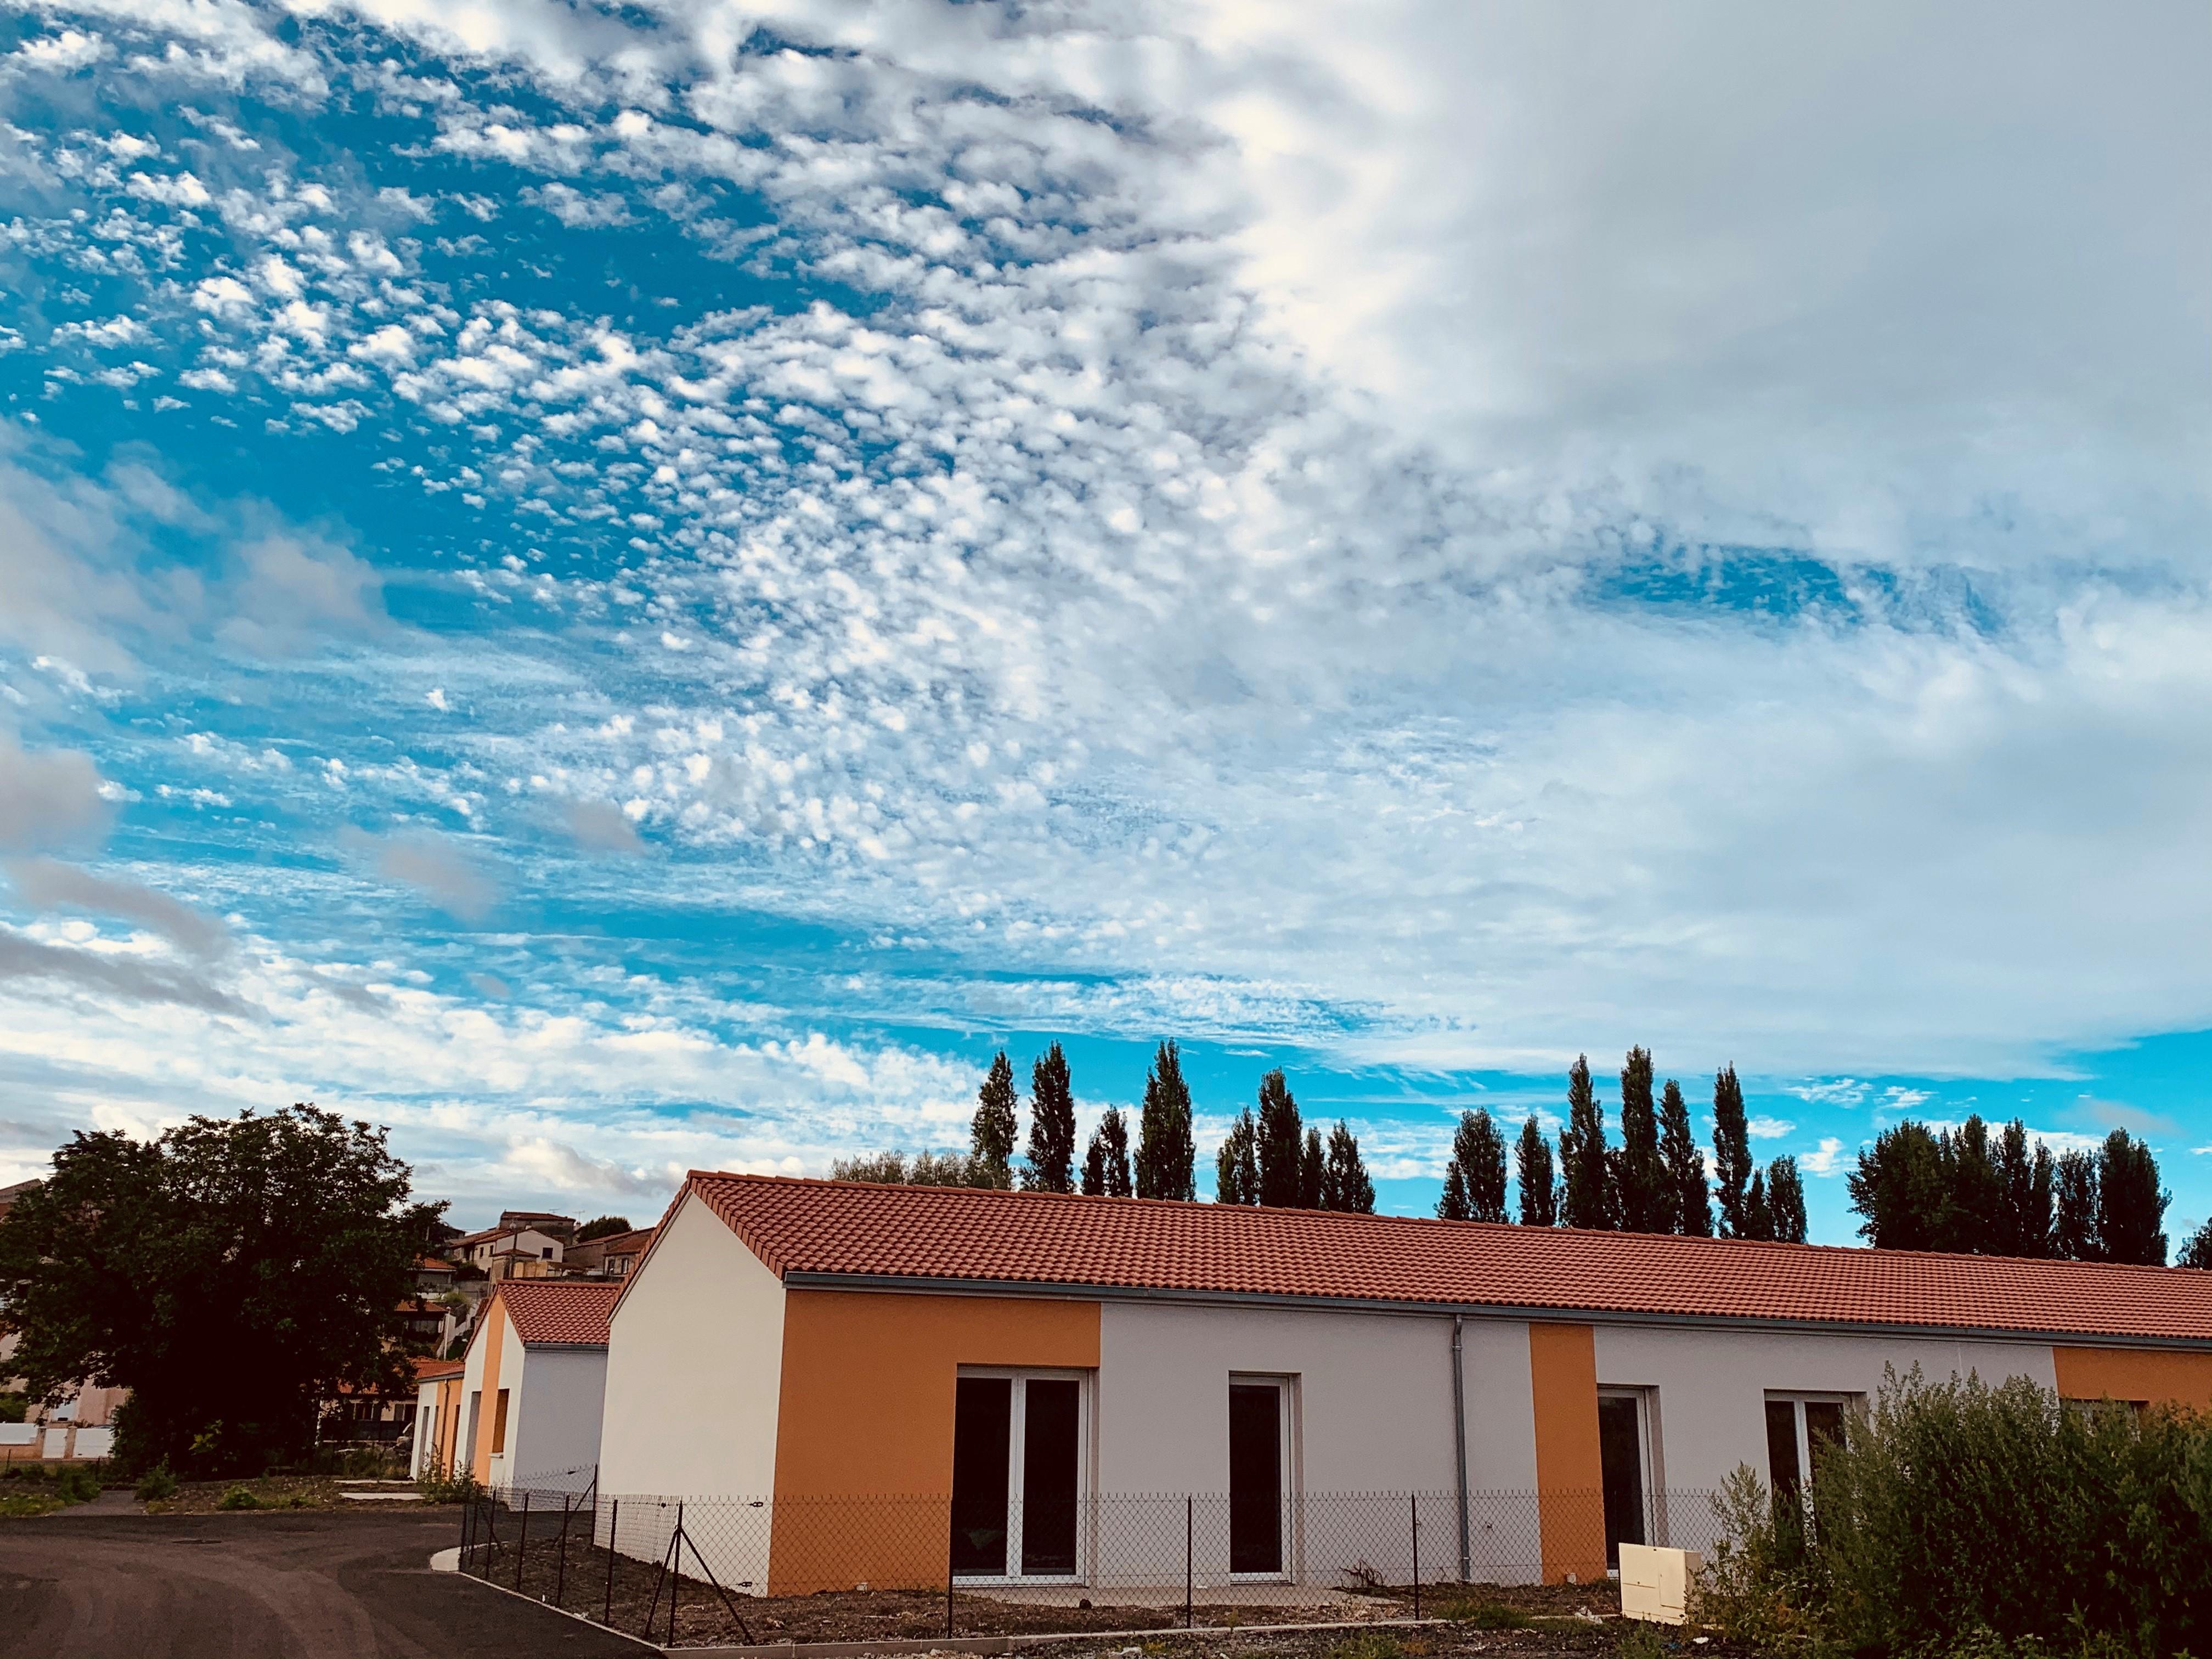 hameau du petit Auzon 26082020 6.jpg